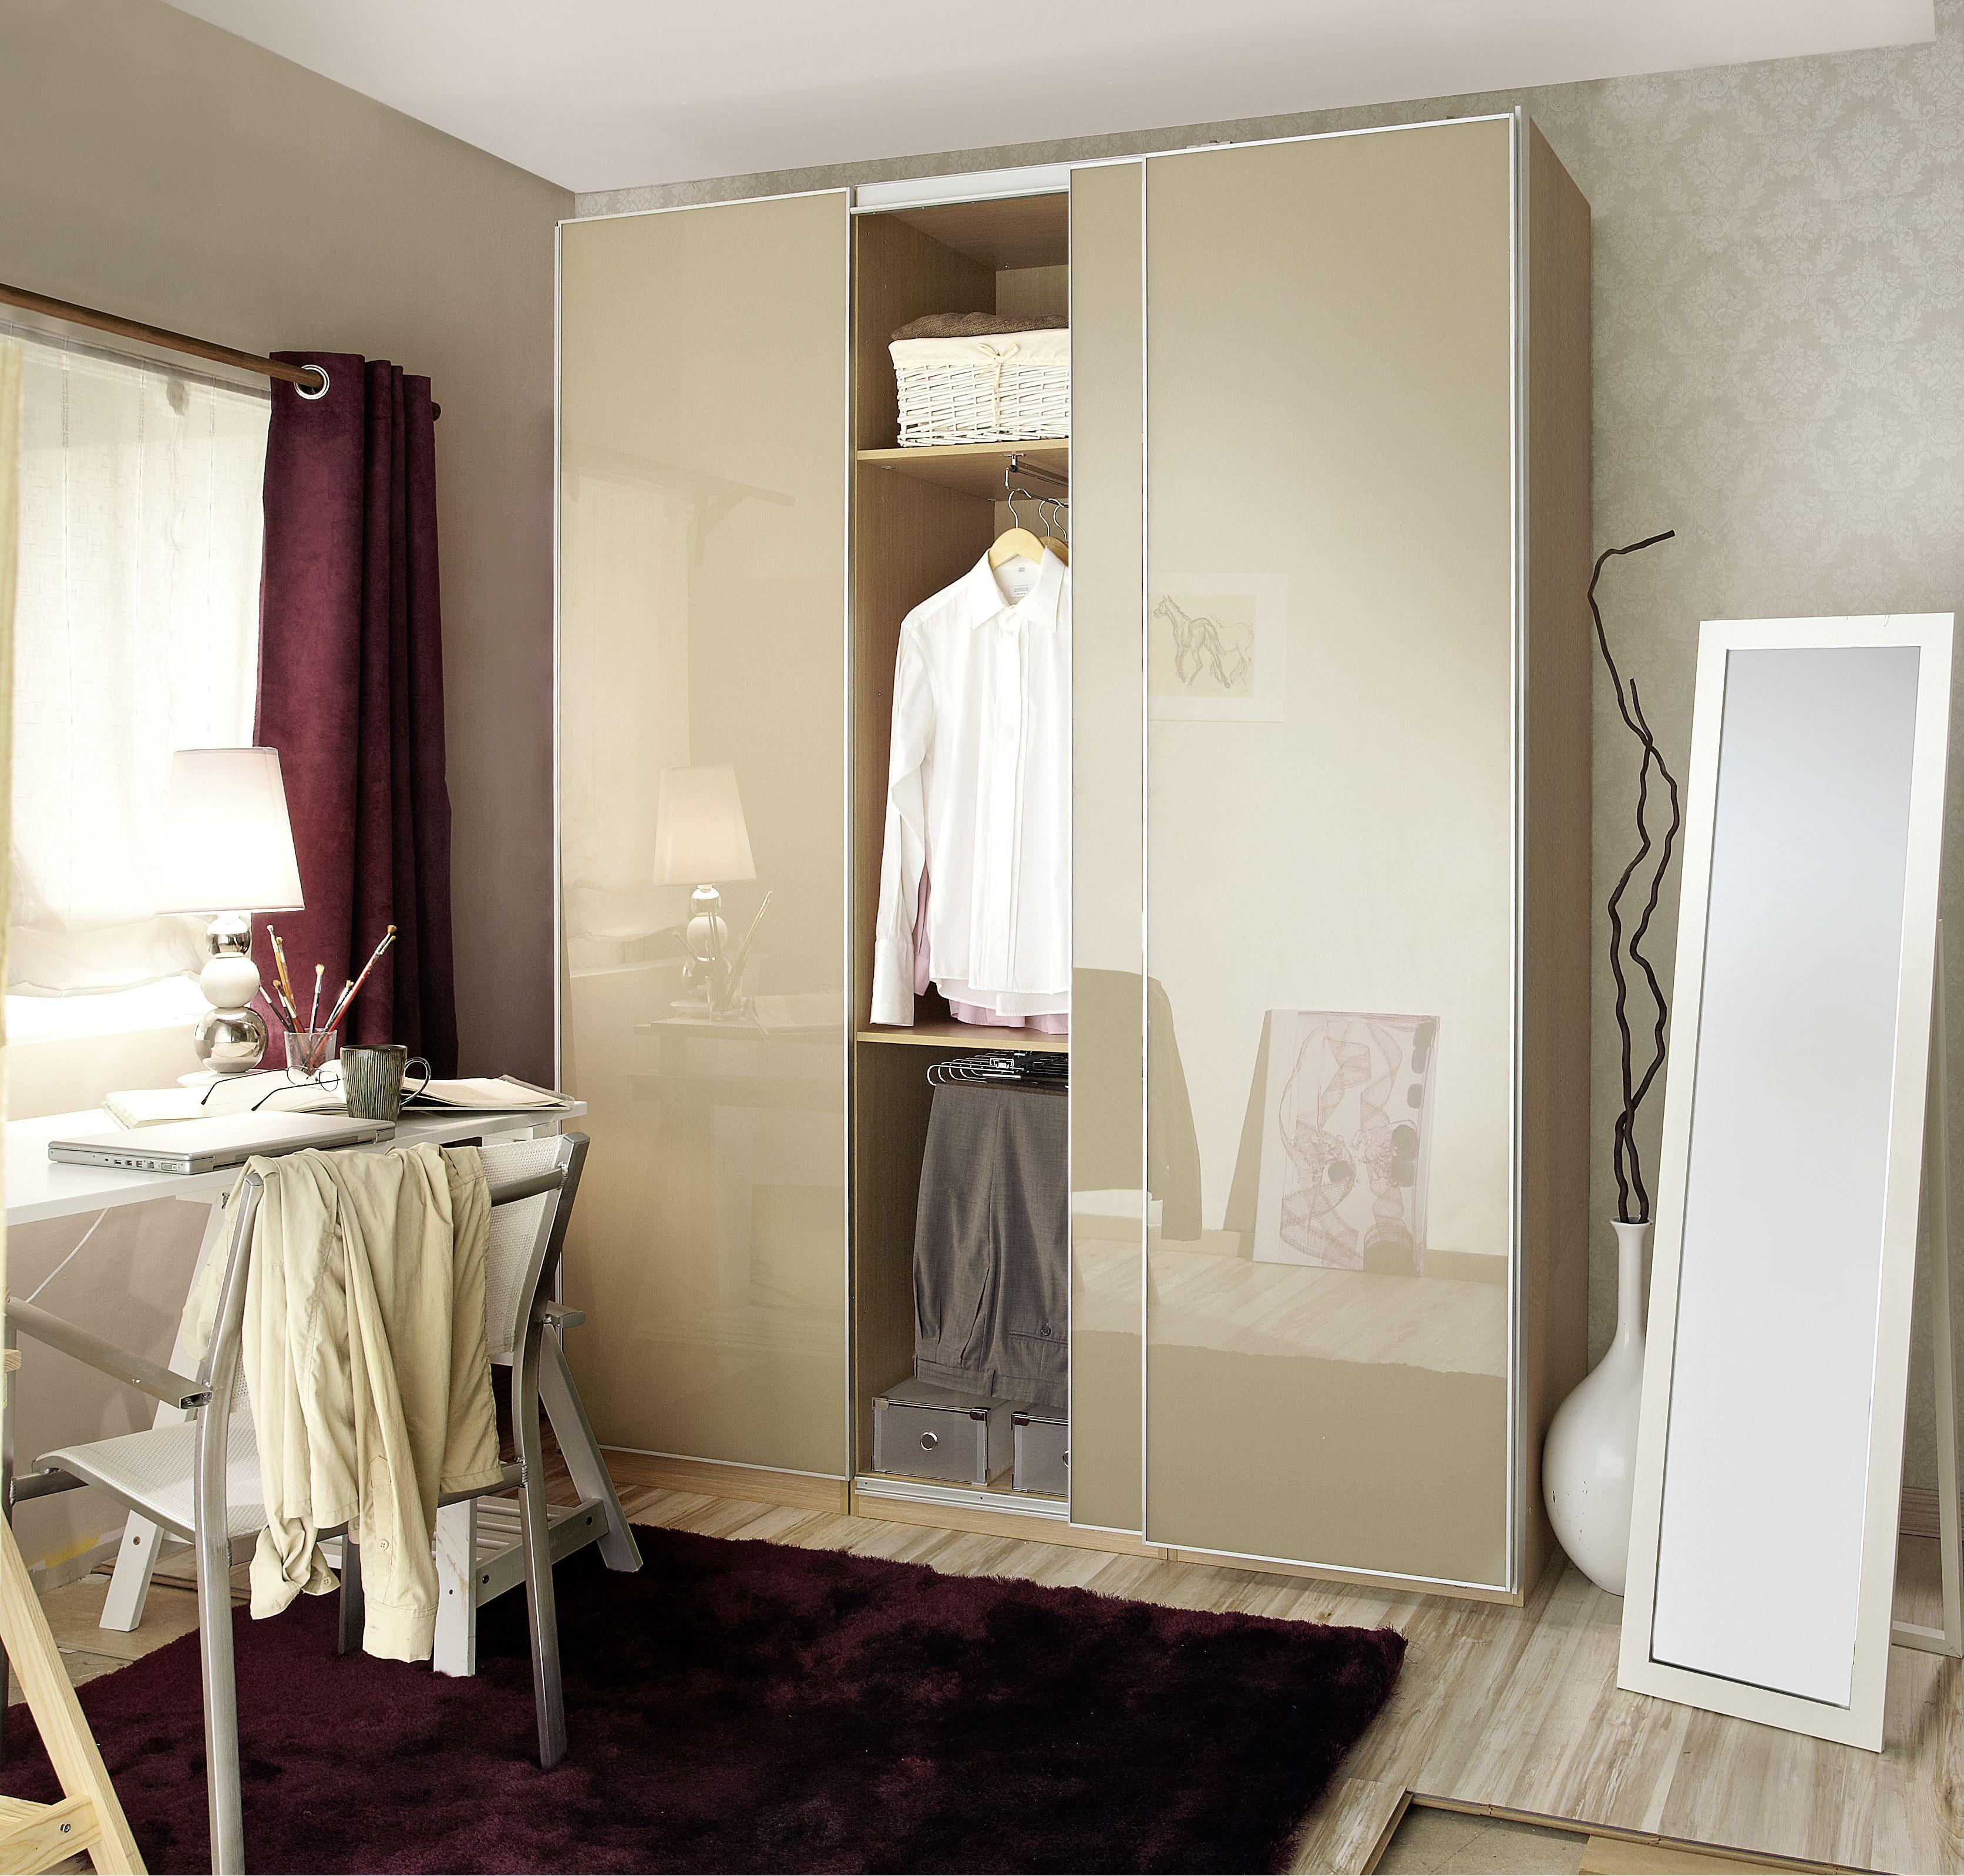 Puertas correderas para ganar espacio leroy merlin organiza tu espacio pinterest - Leroy merlin puertas correderas cristal ...